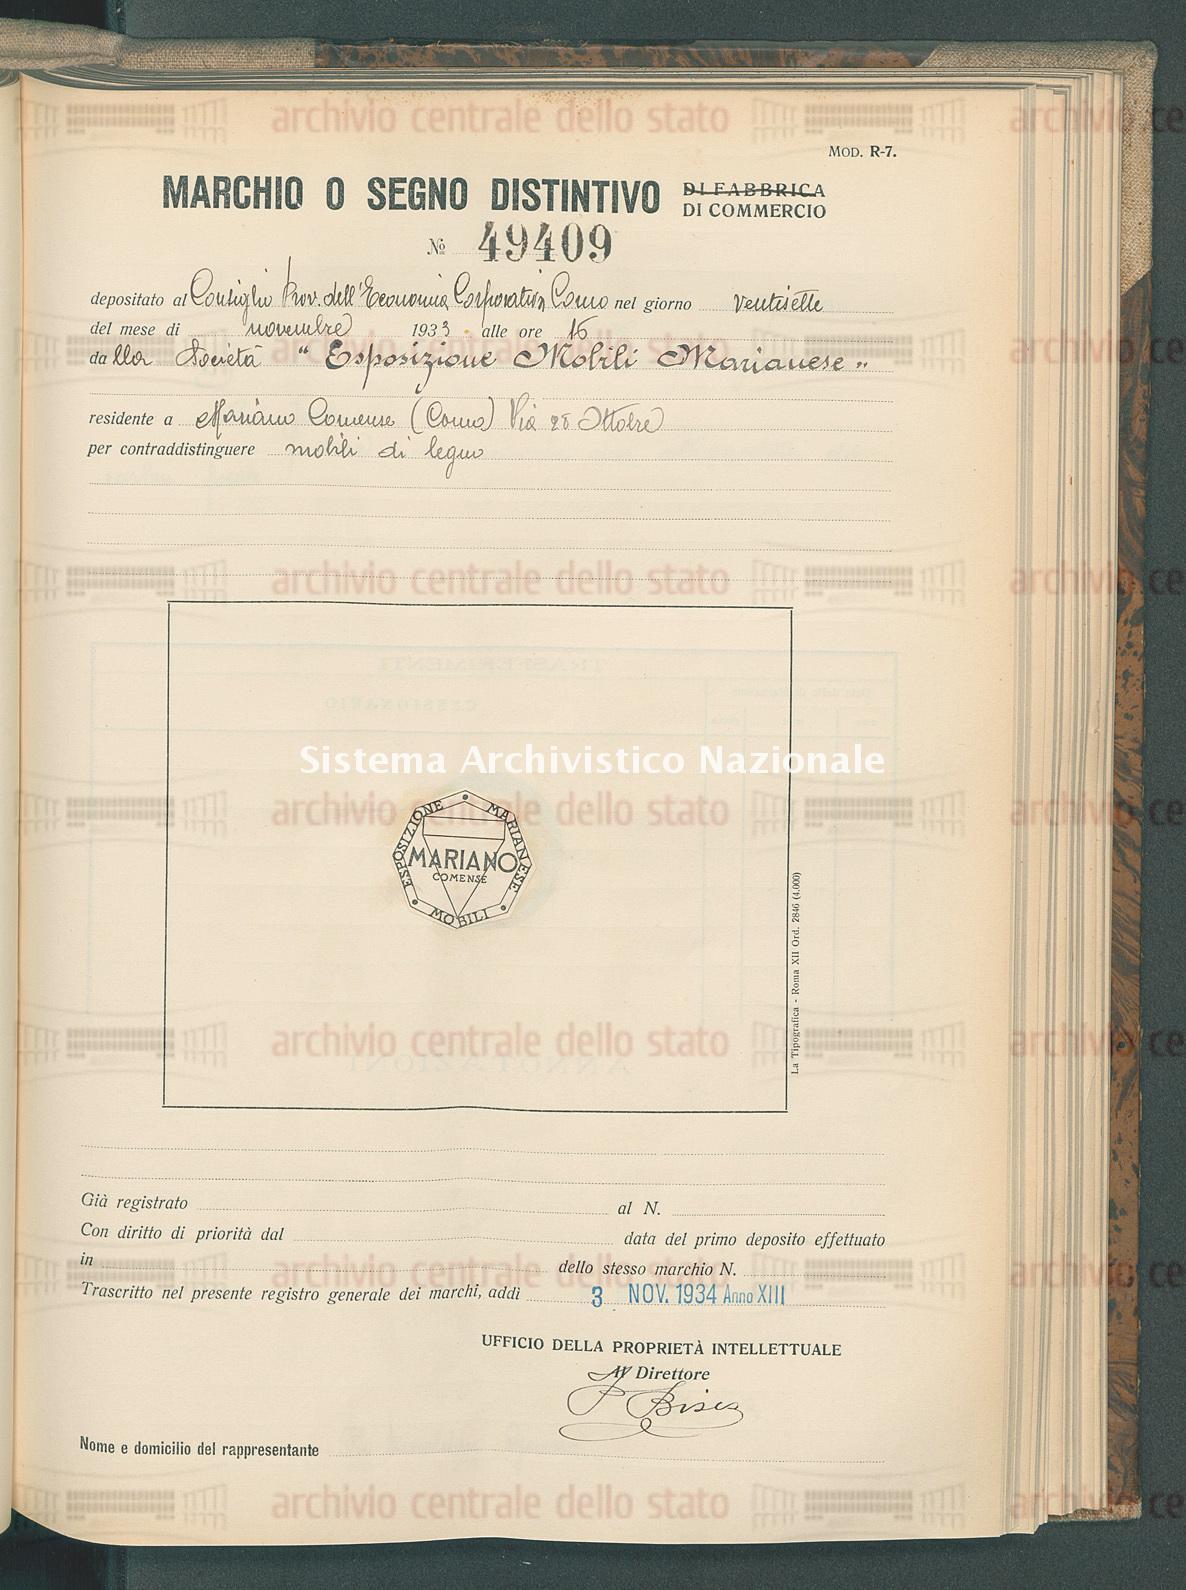 Mobili di legno Societa' 'Esposizione Mobili Marianese' (03/11/1934)